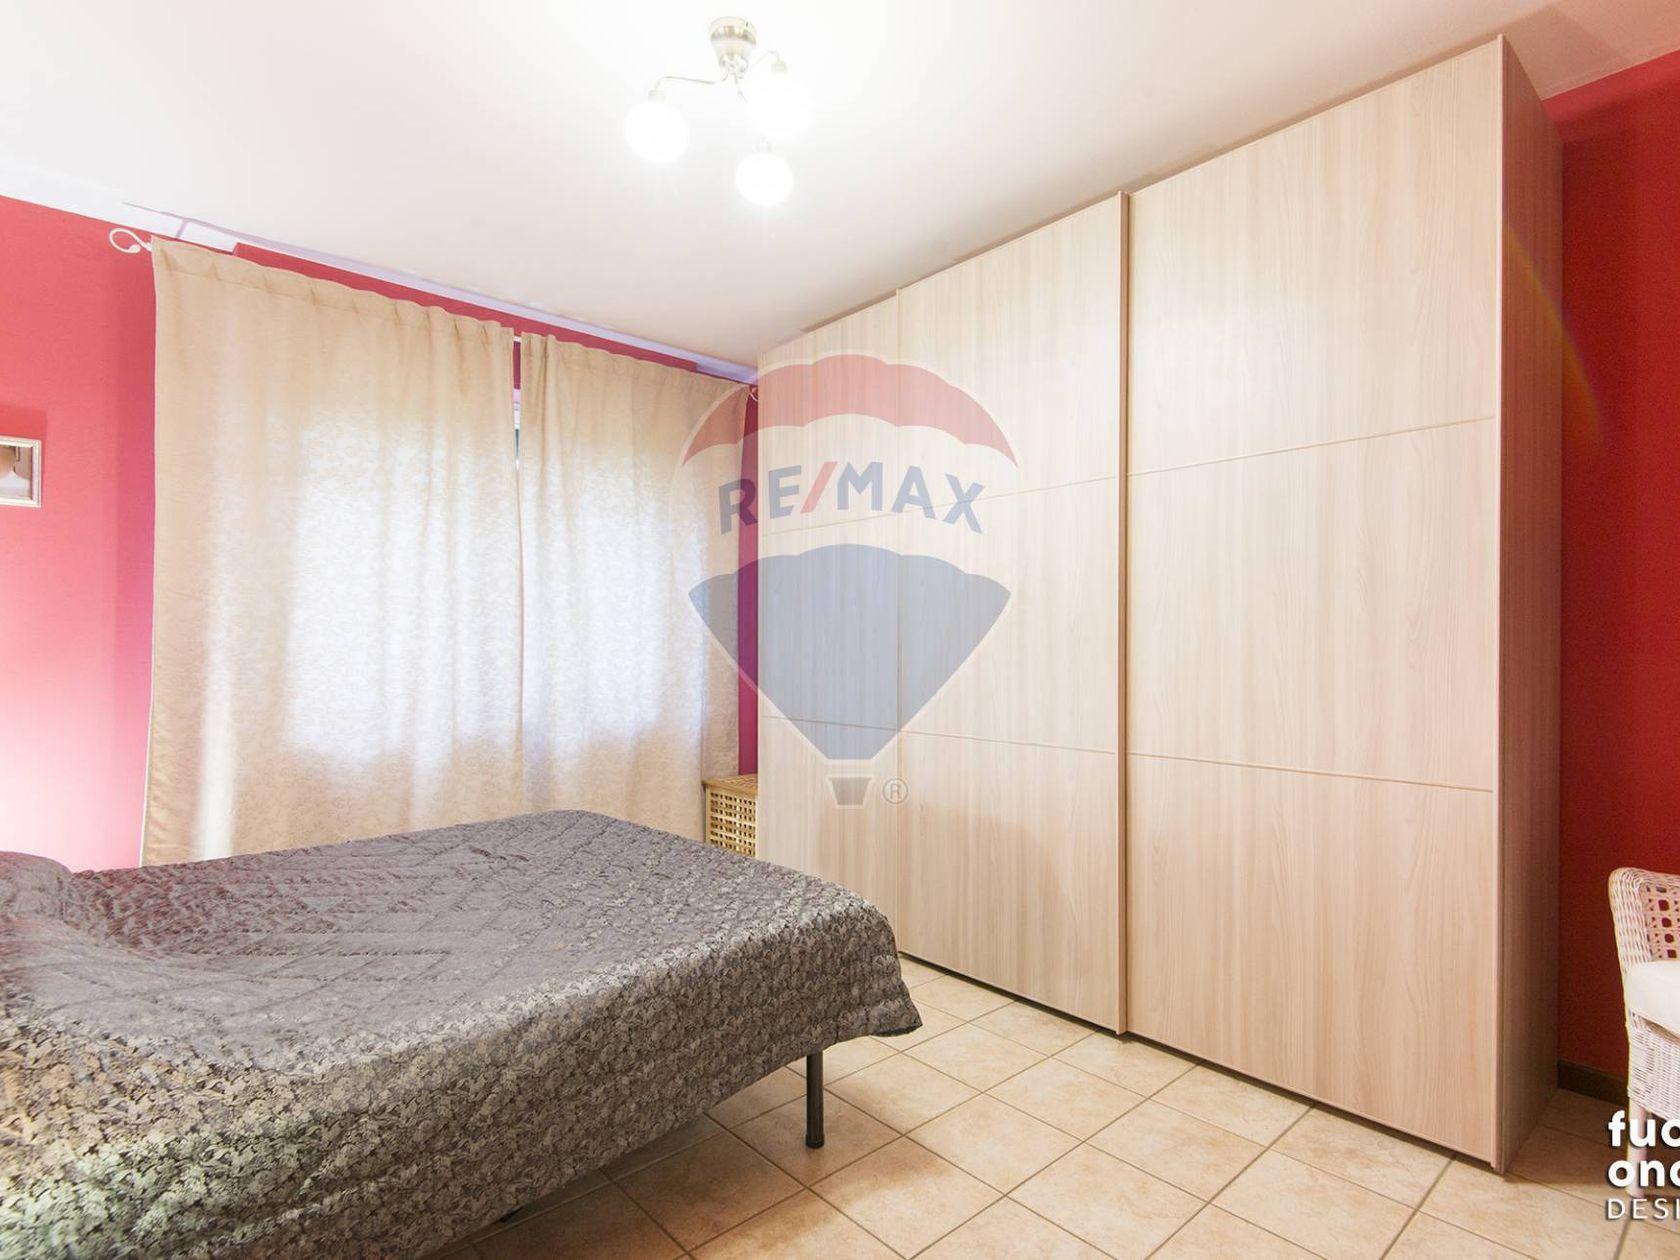 Appartamento Chieri, TO Vendita - Foto 17